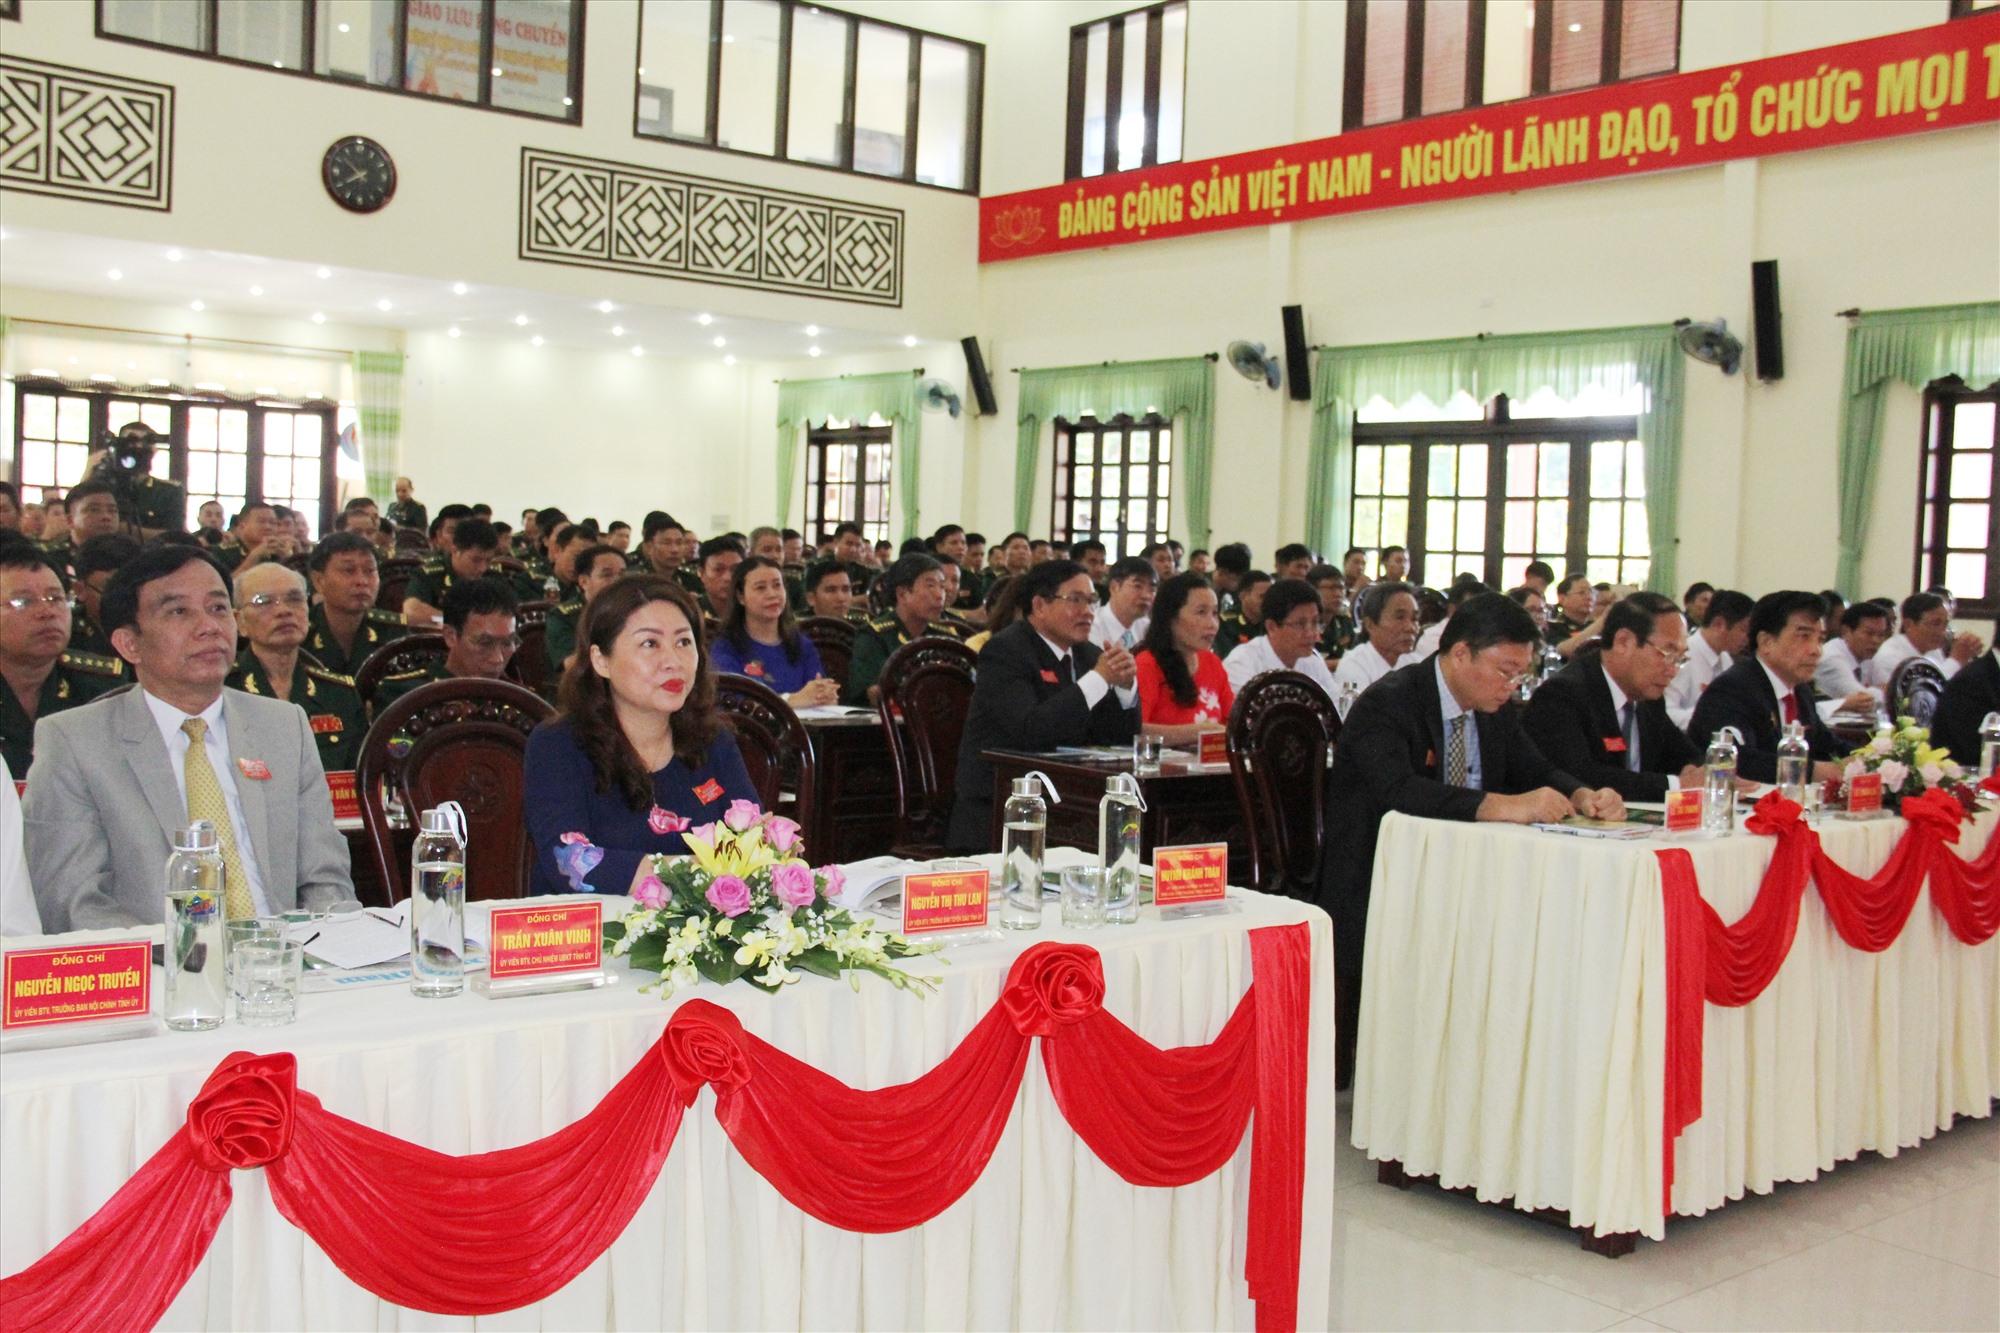 Các đại biểu tham dự Đại hội đại biểu Bộ đội Biên phòng tỉnh lần thứ XIV, nhiệm kỳ 2020 - 2025. Ảnh: A.N